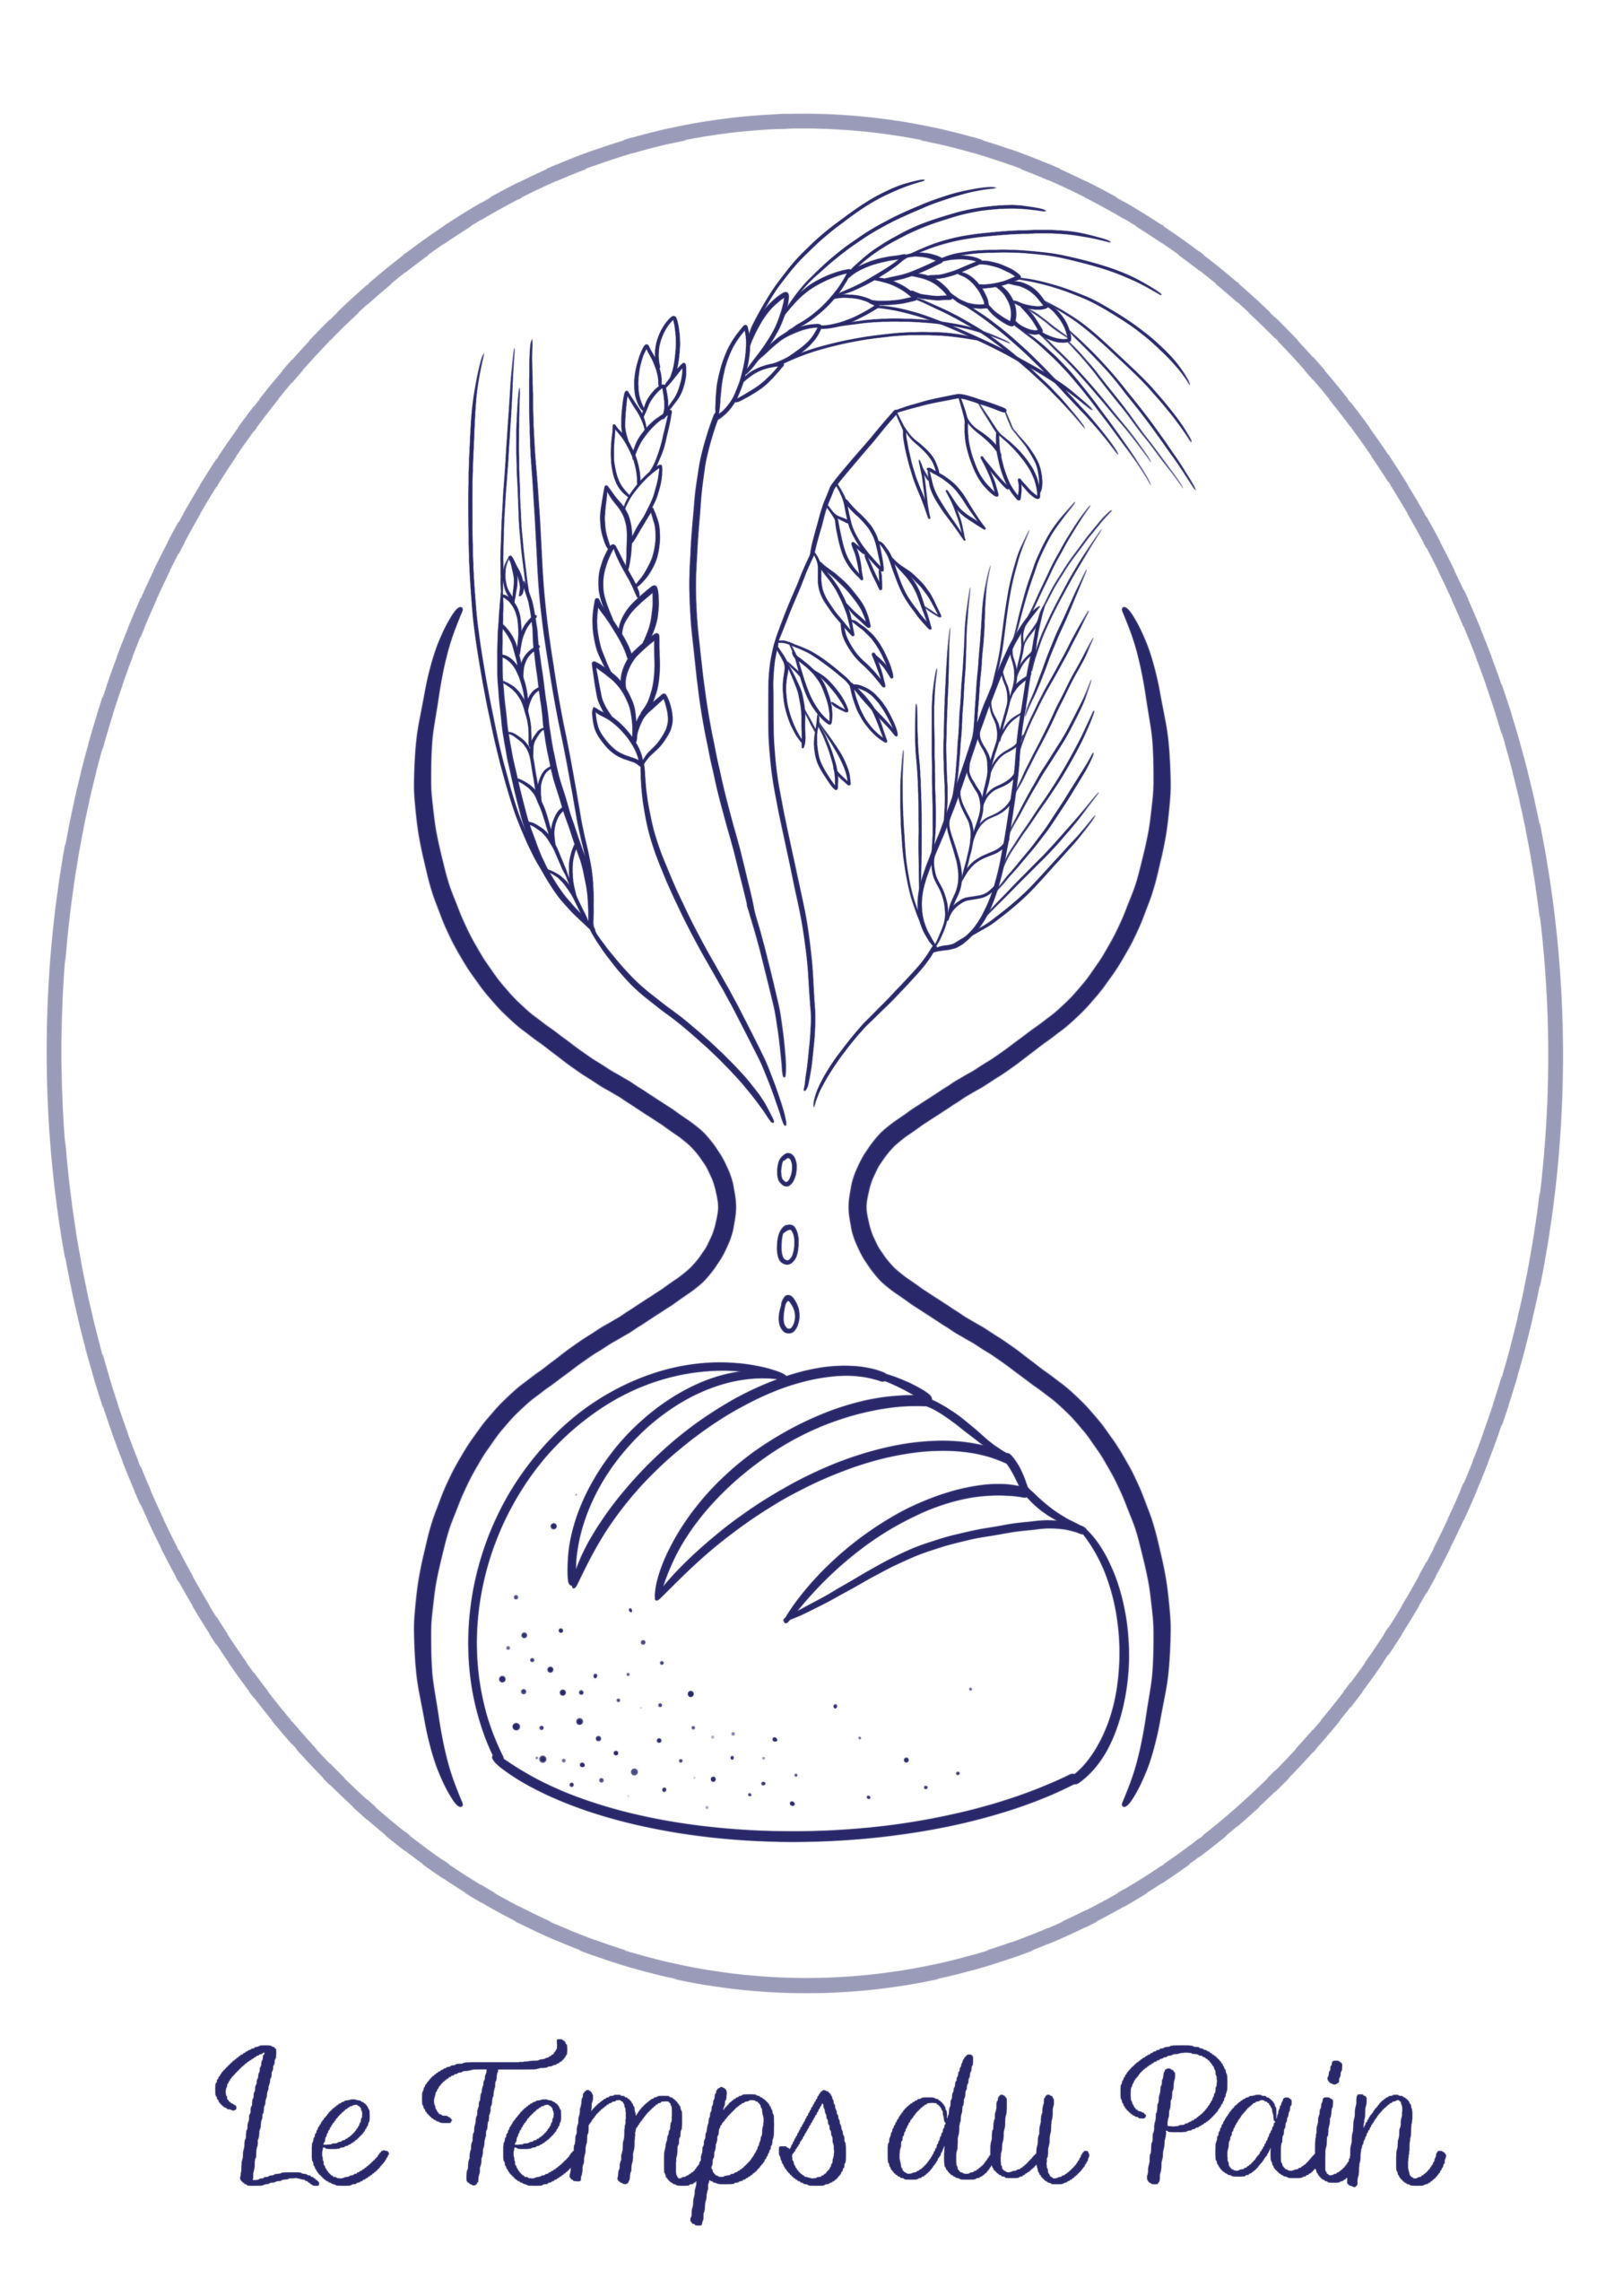 logo le temps du pain